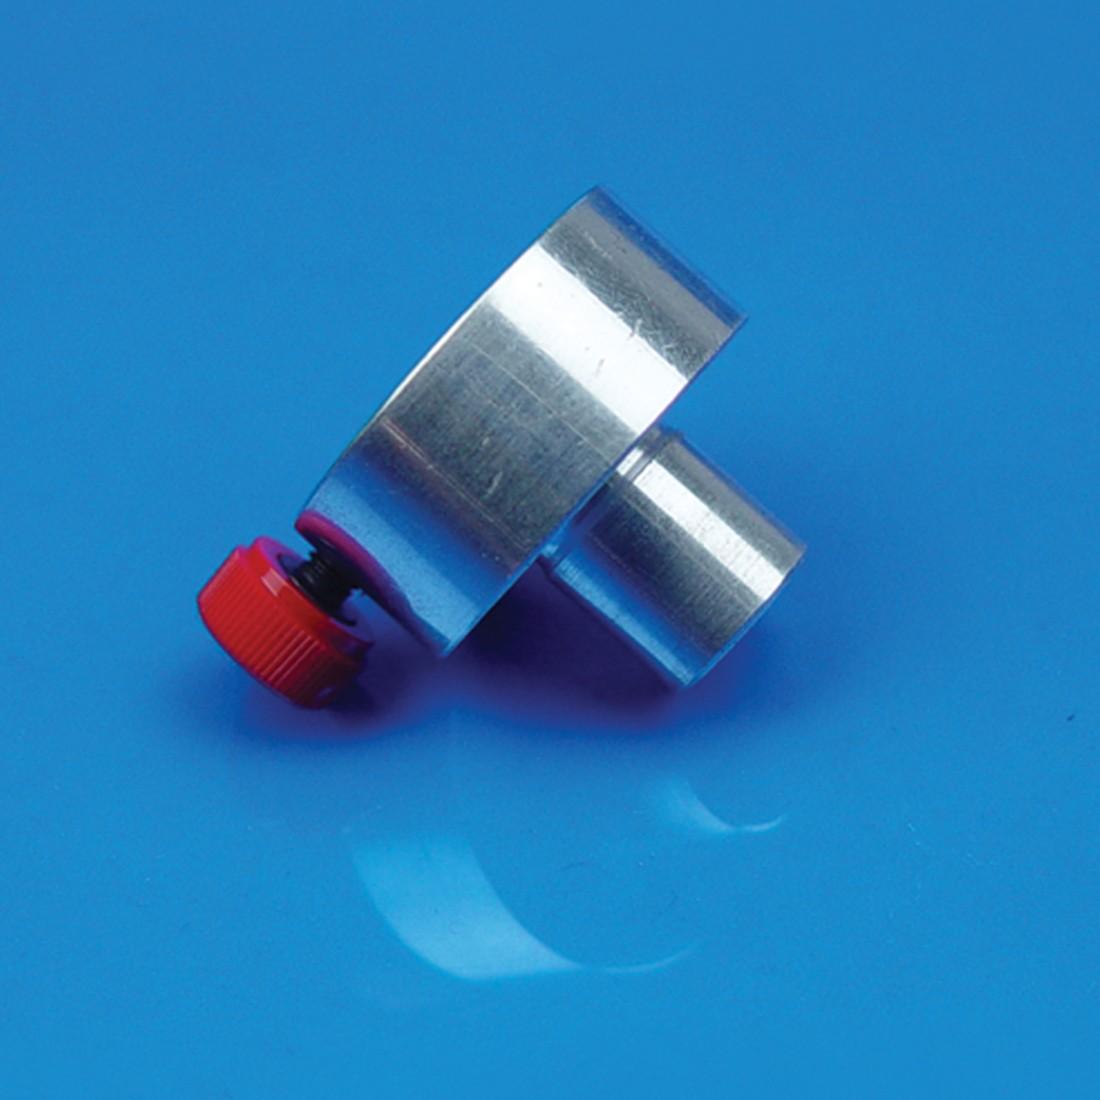 JB-4 Aluminum Chucks